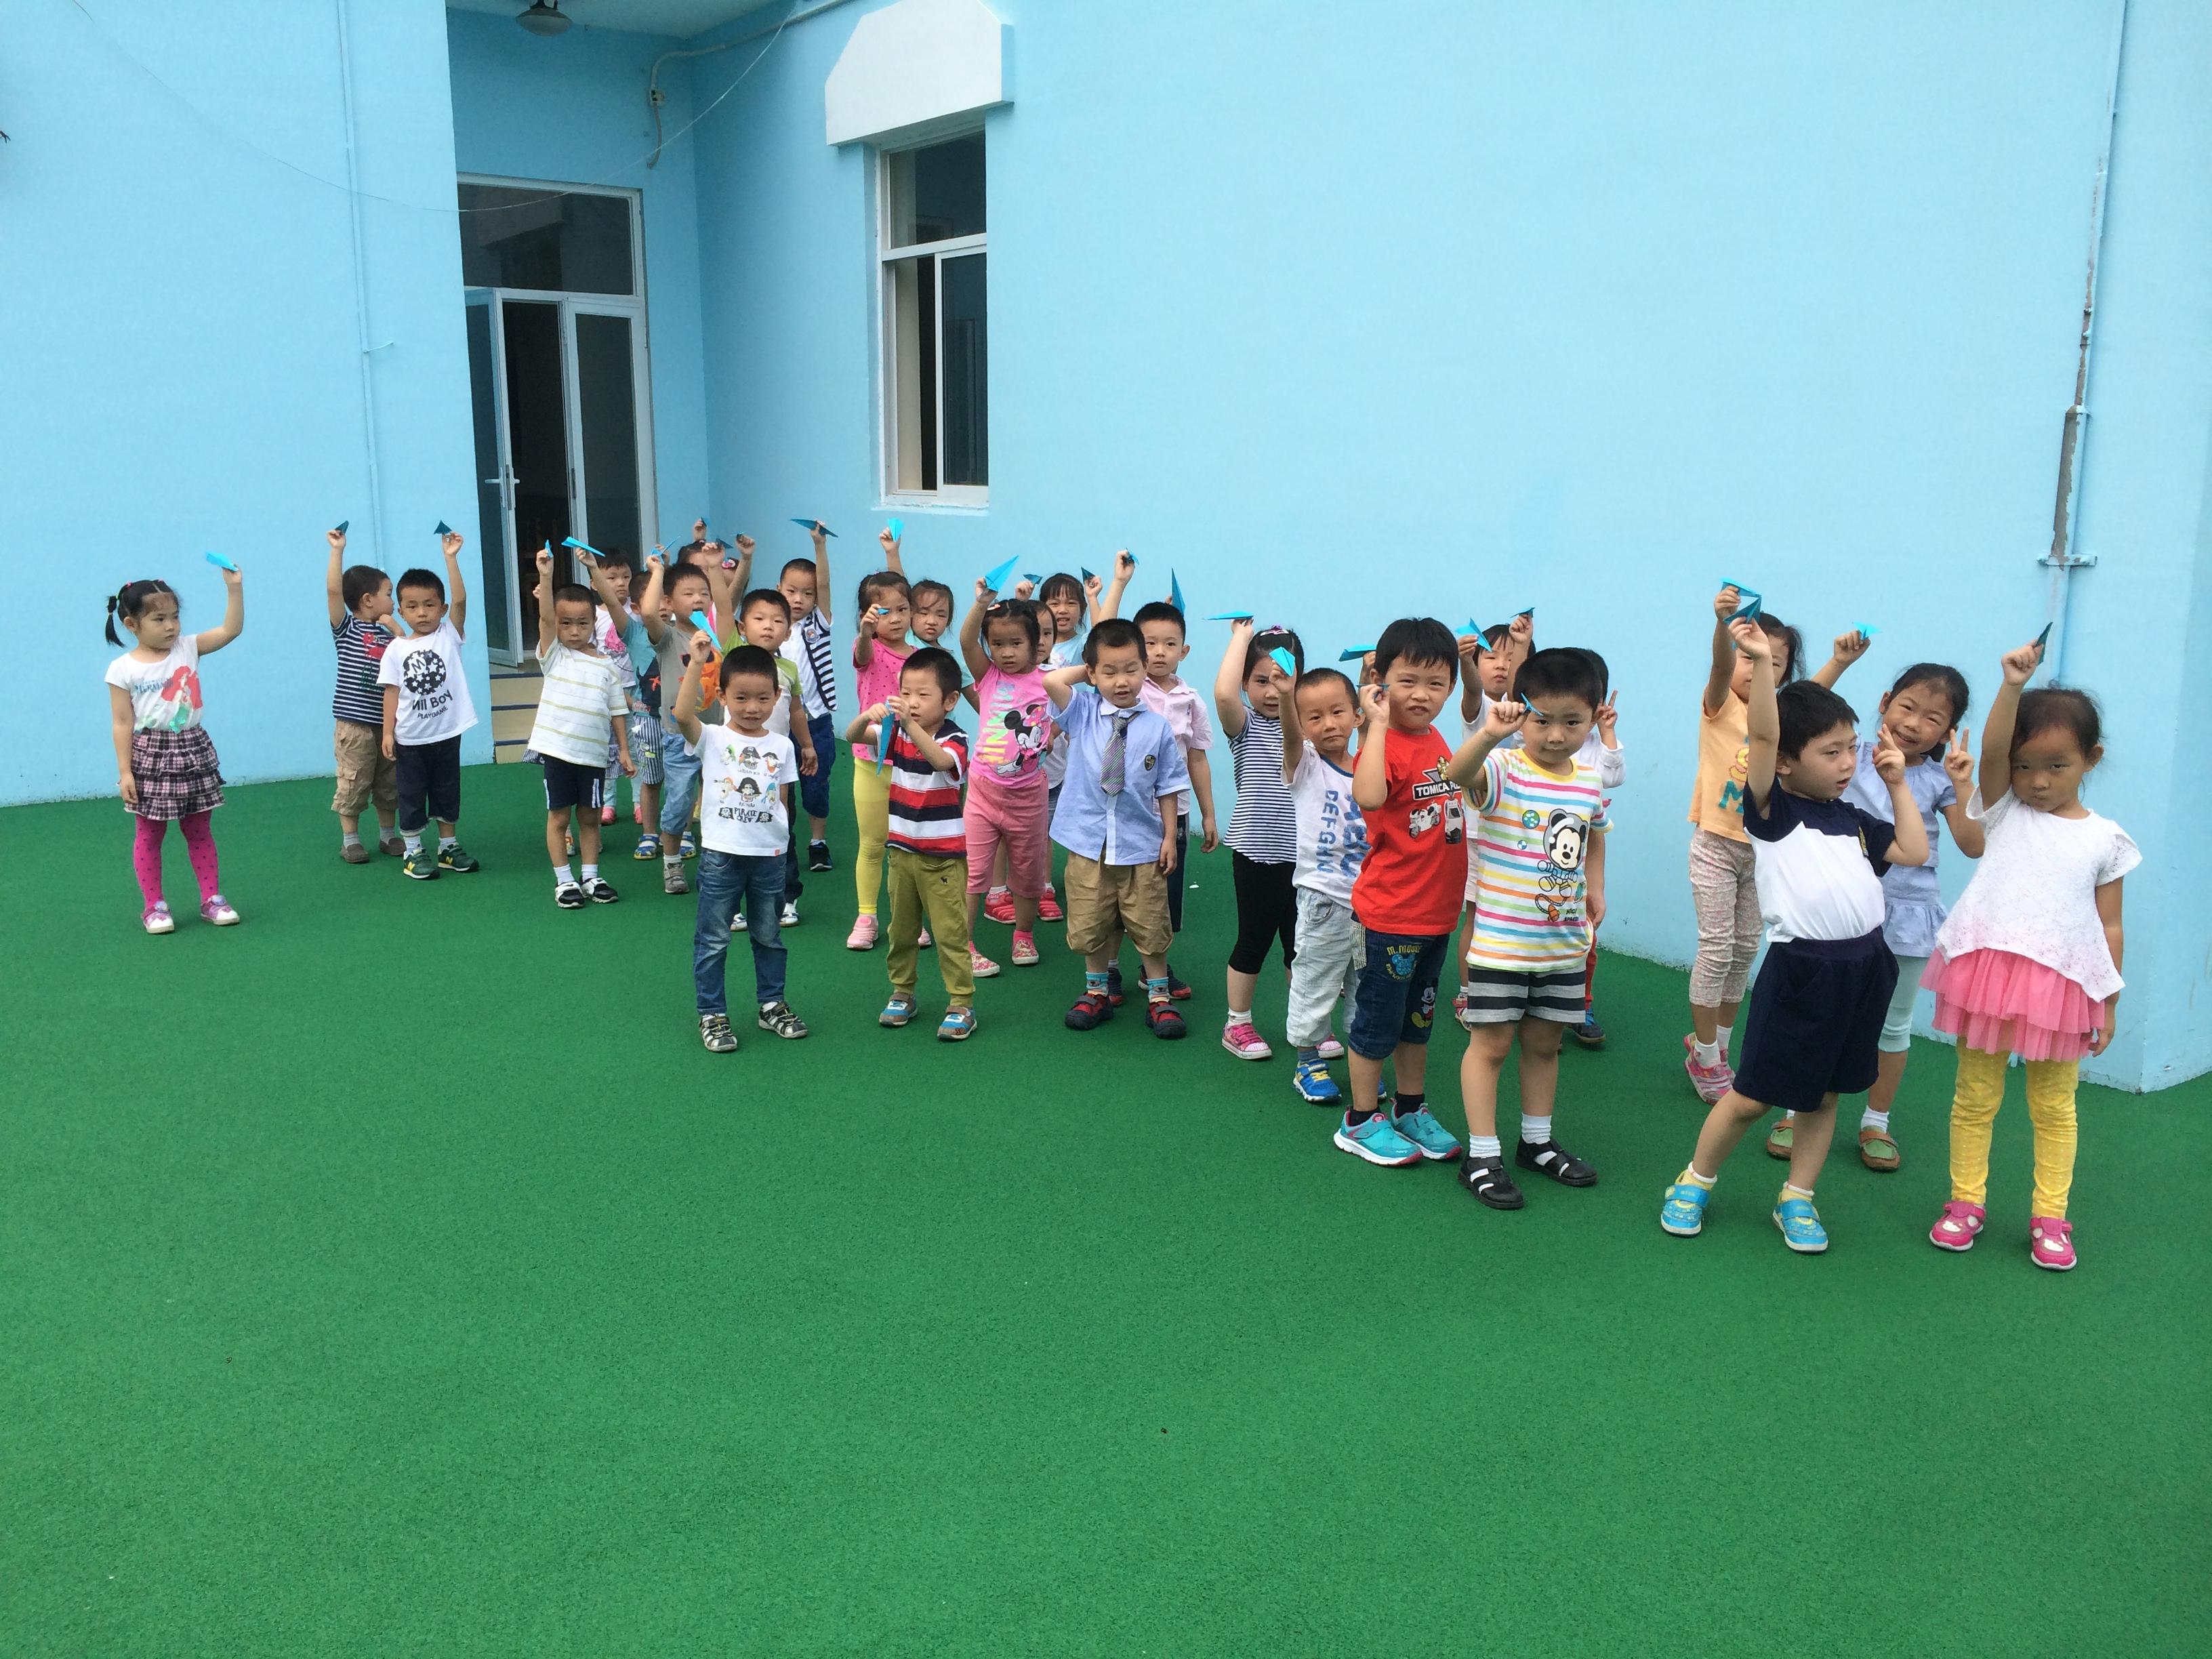 4的阅兵仪式,小朋友们都非常的激动,今天我们就来学做纸飞机,做一个